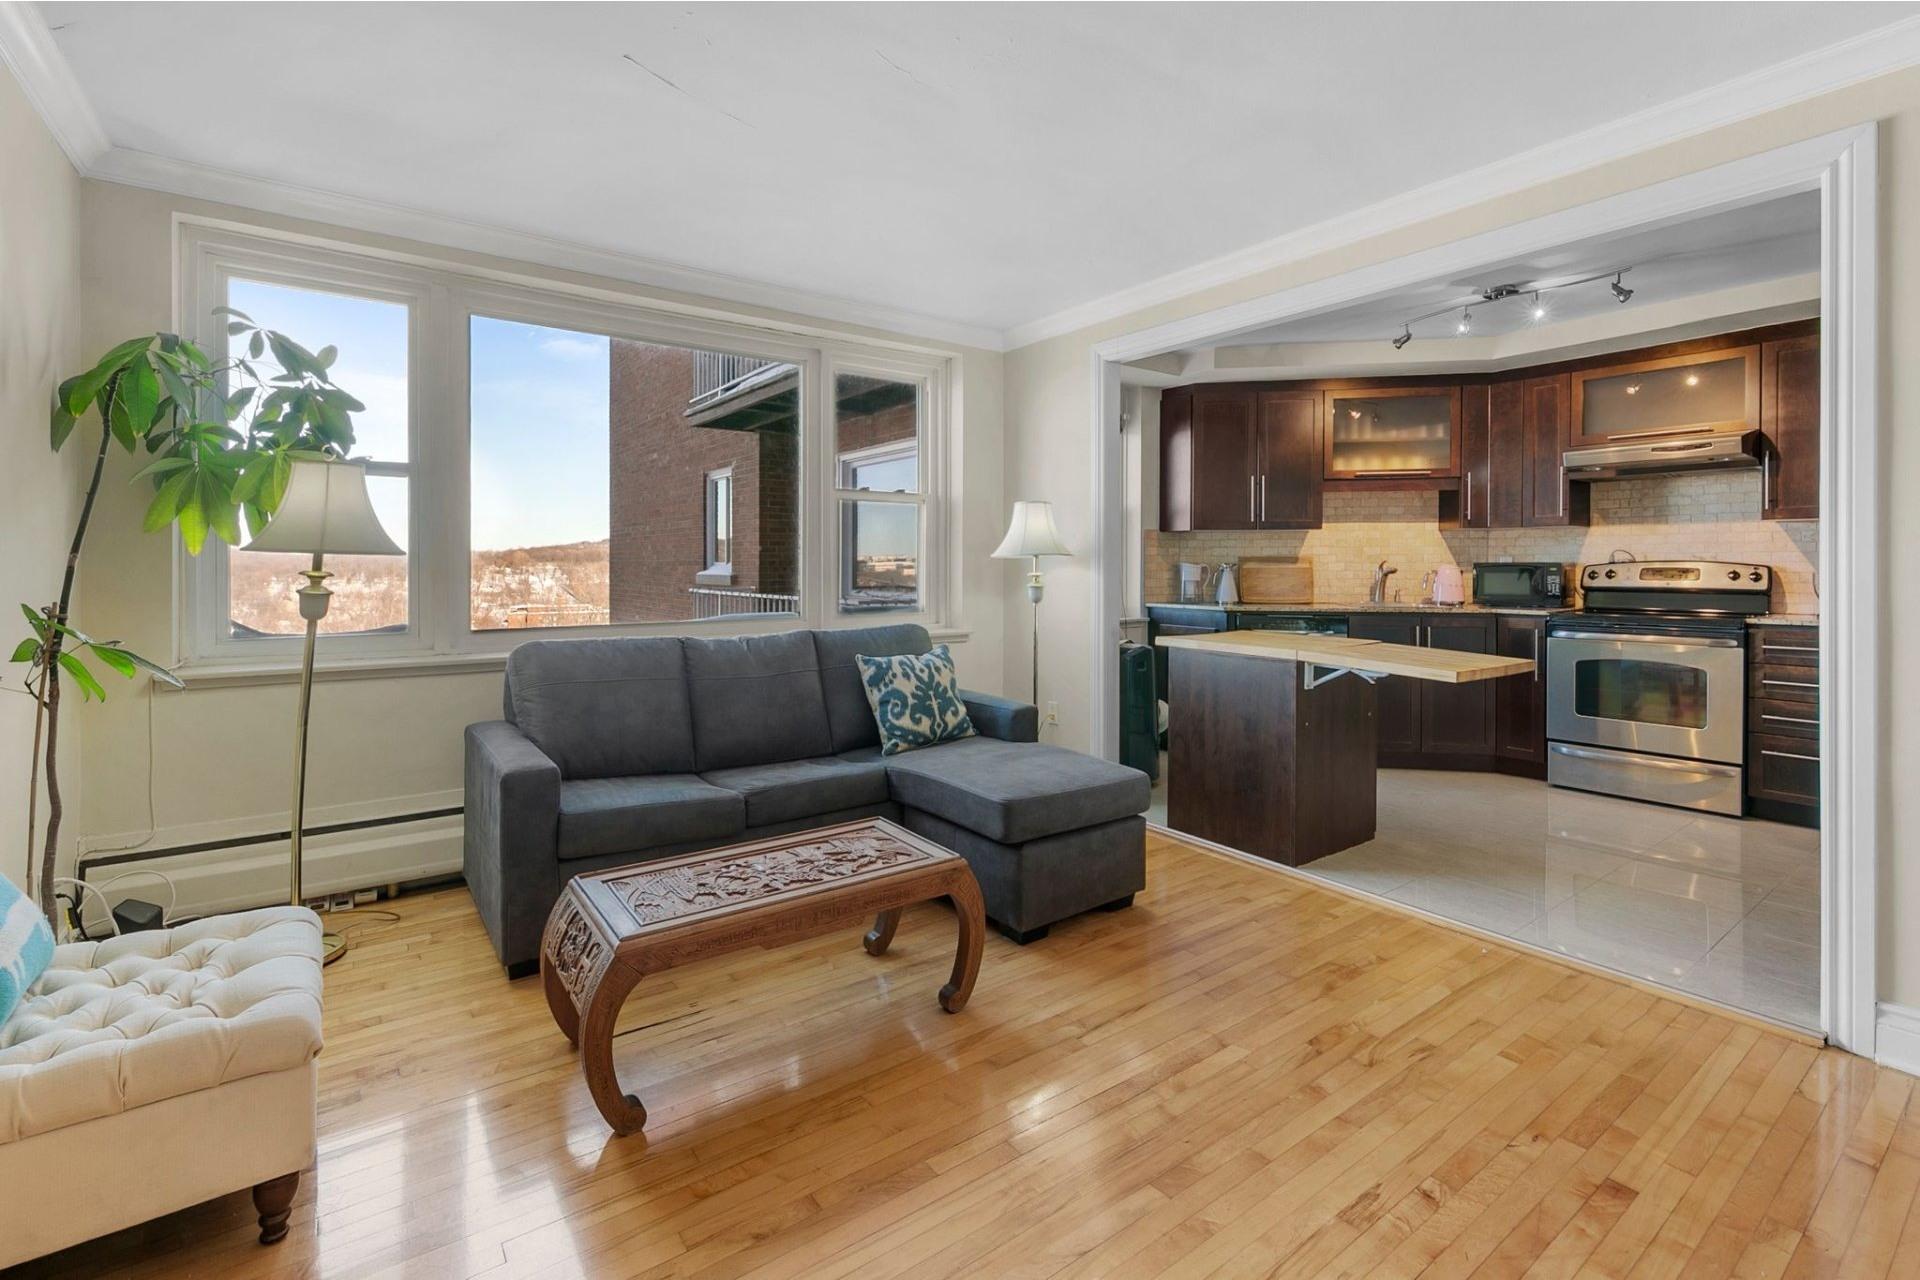 image 2 - Appartement À vendre Côte-des-Neiges/Notre-Dame-de-Grâce Montréal  - 4 pièces